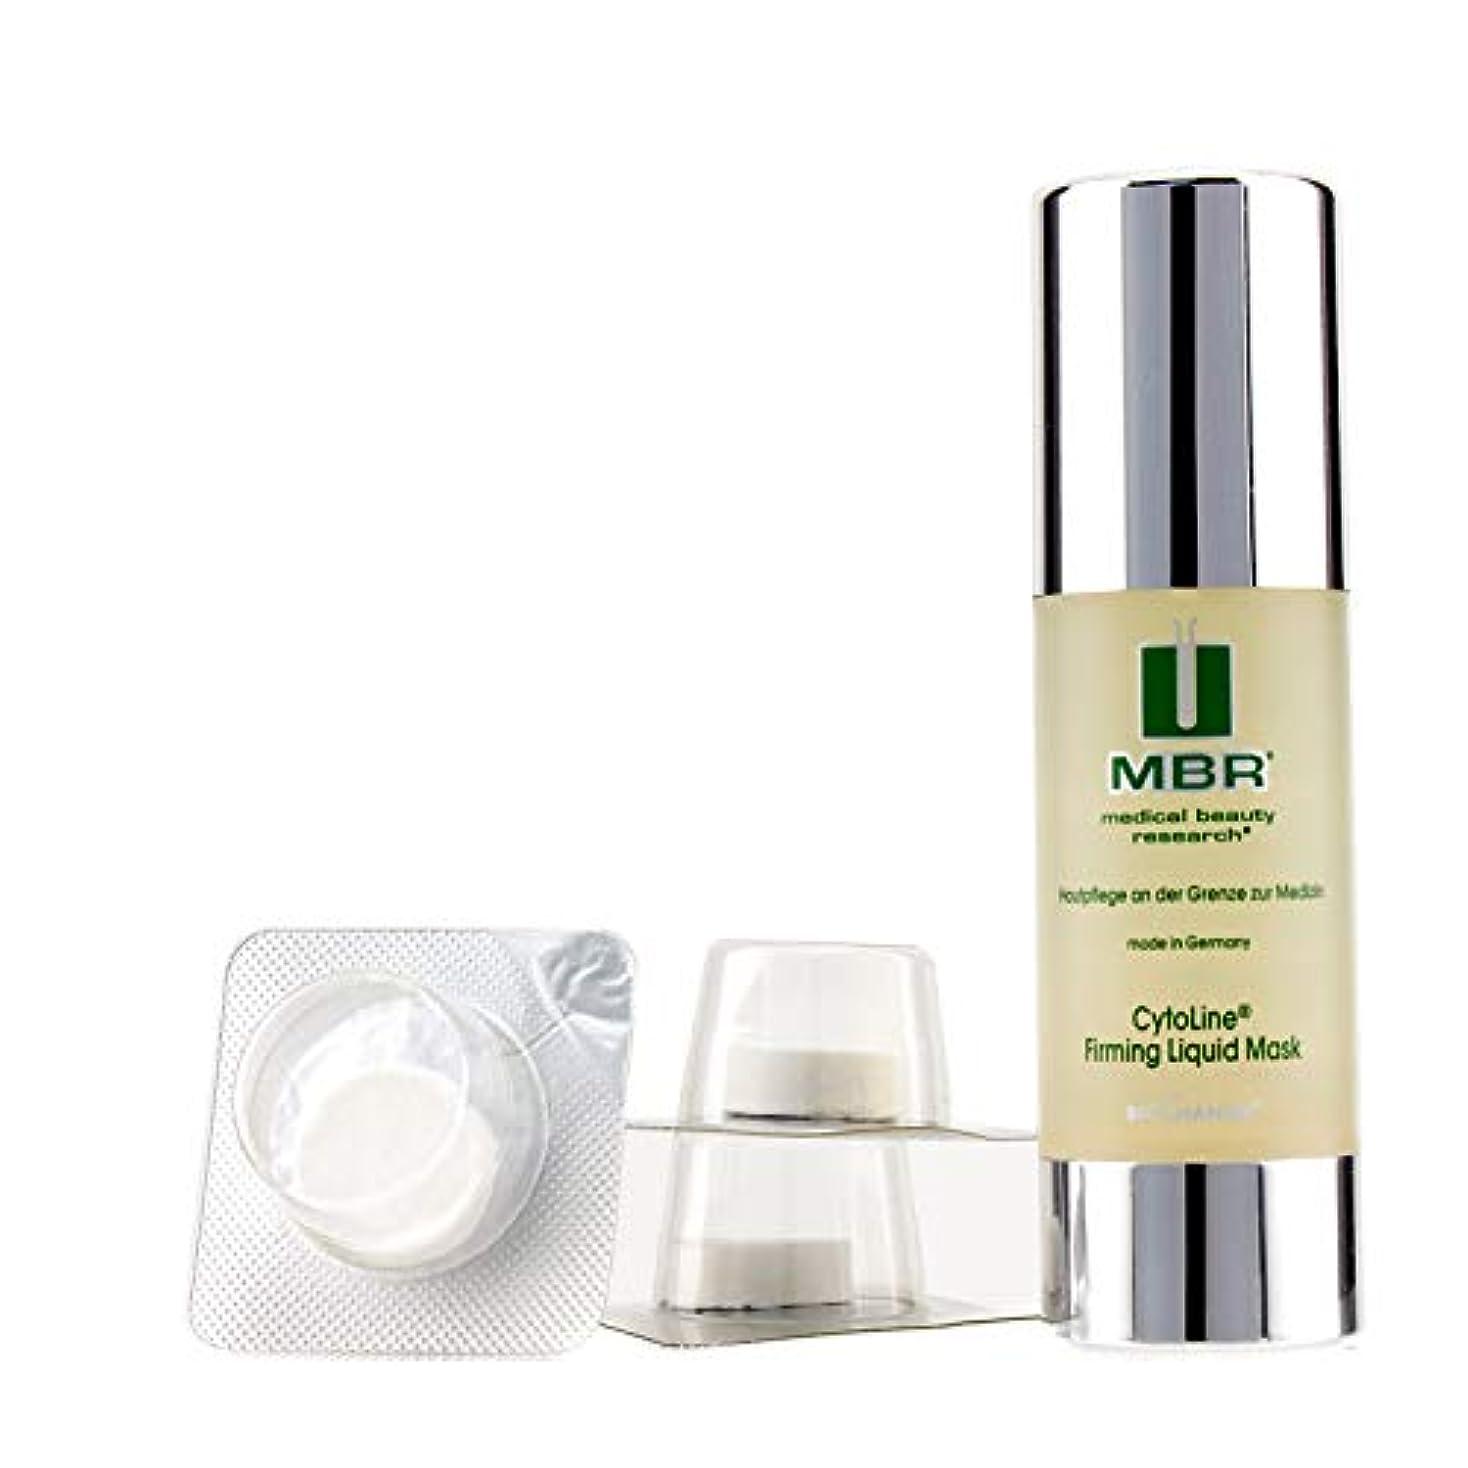 光景飼い慣らすセミナーMBR Medical Beauty Research BioChange CytoLine Firming Liquid Mask 6applications並行輸入品